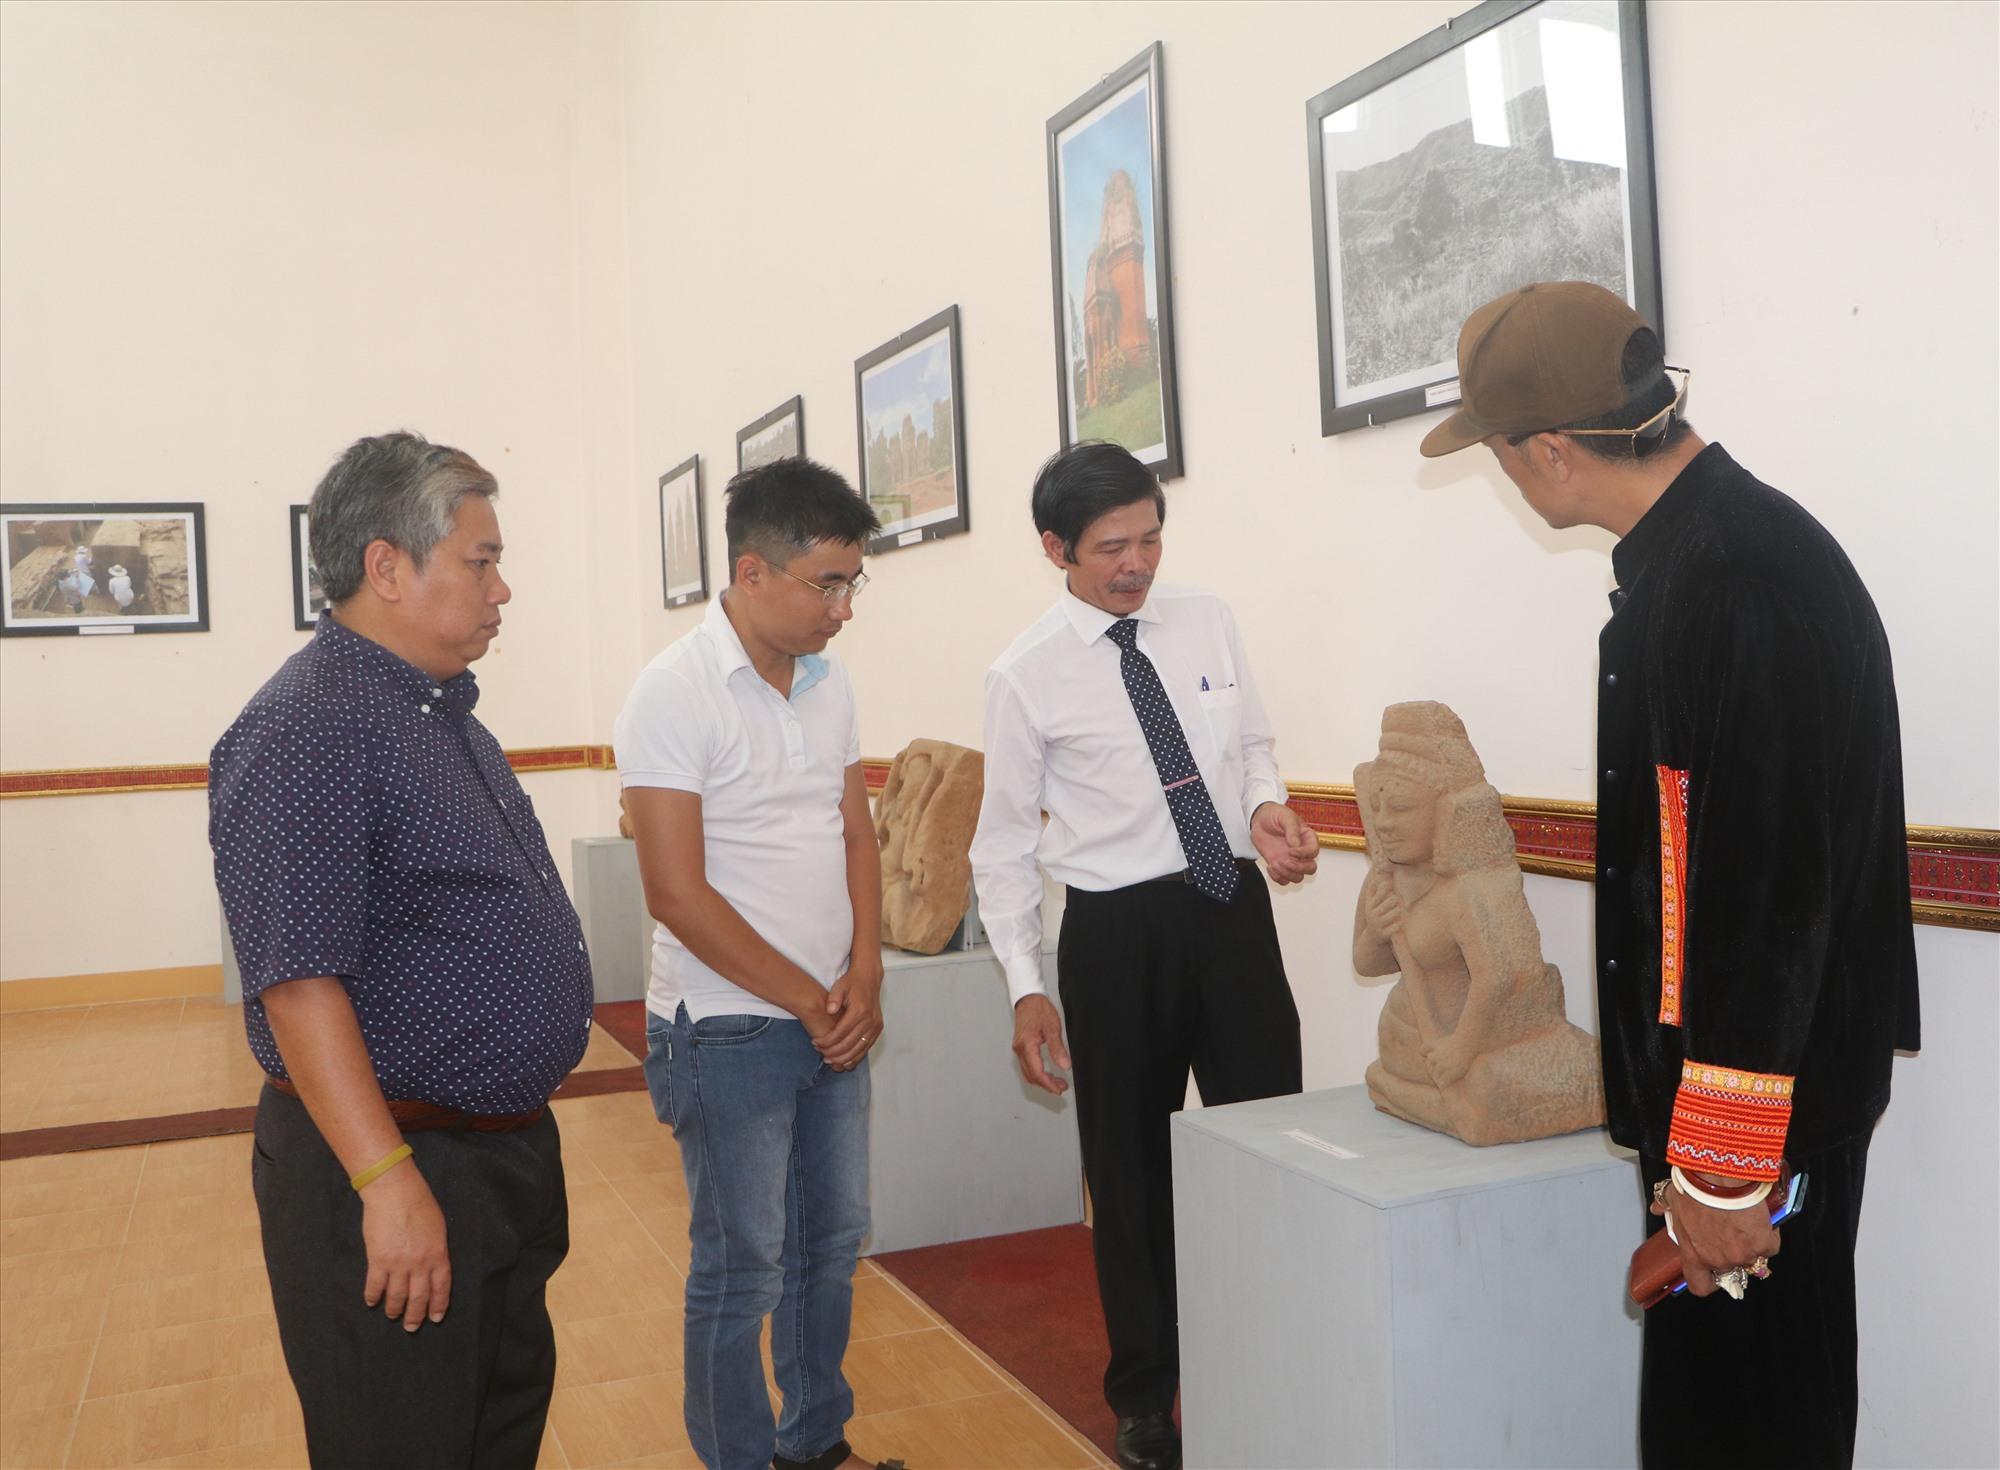 Các chuyên gia nghiên cứu văn hóa Chăm tìm hiểu về hiện vật tại gian trưng bày Quảng Nam. Ảnh: T.V